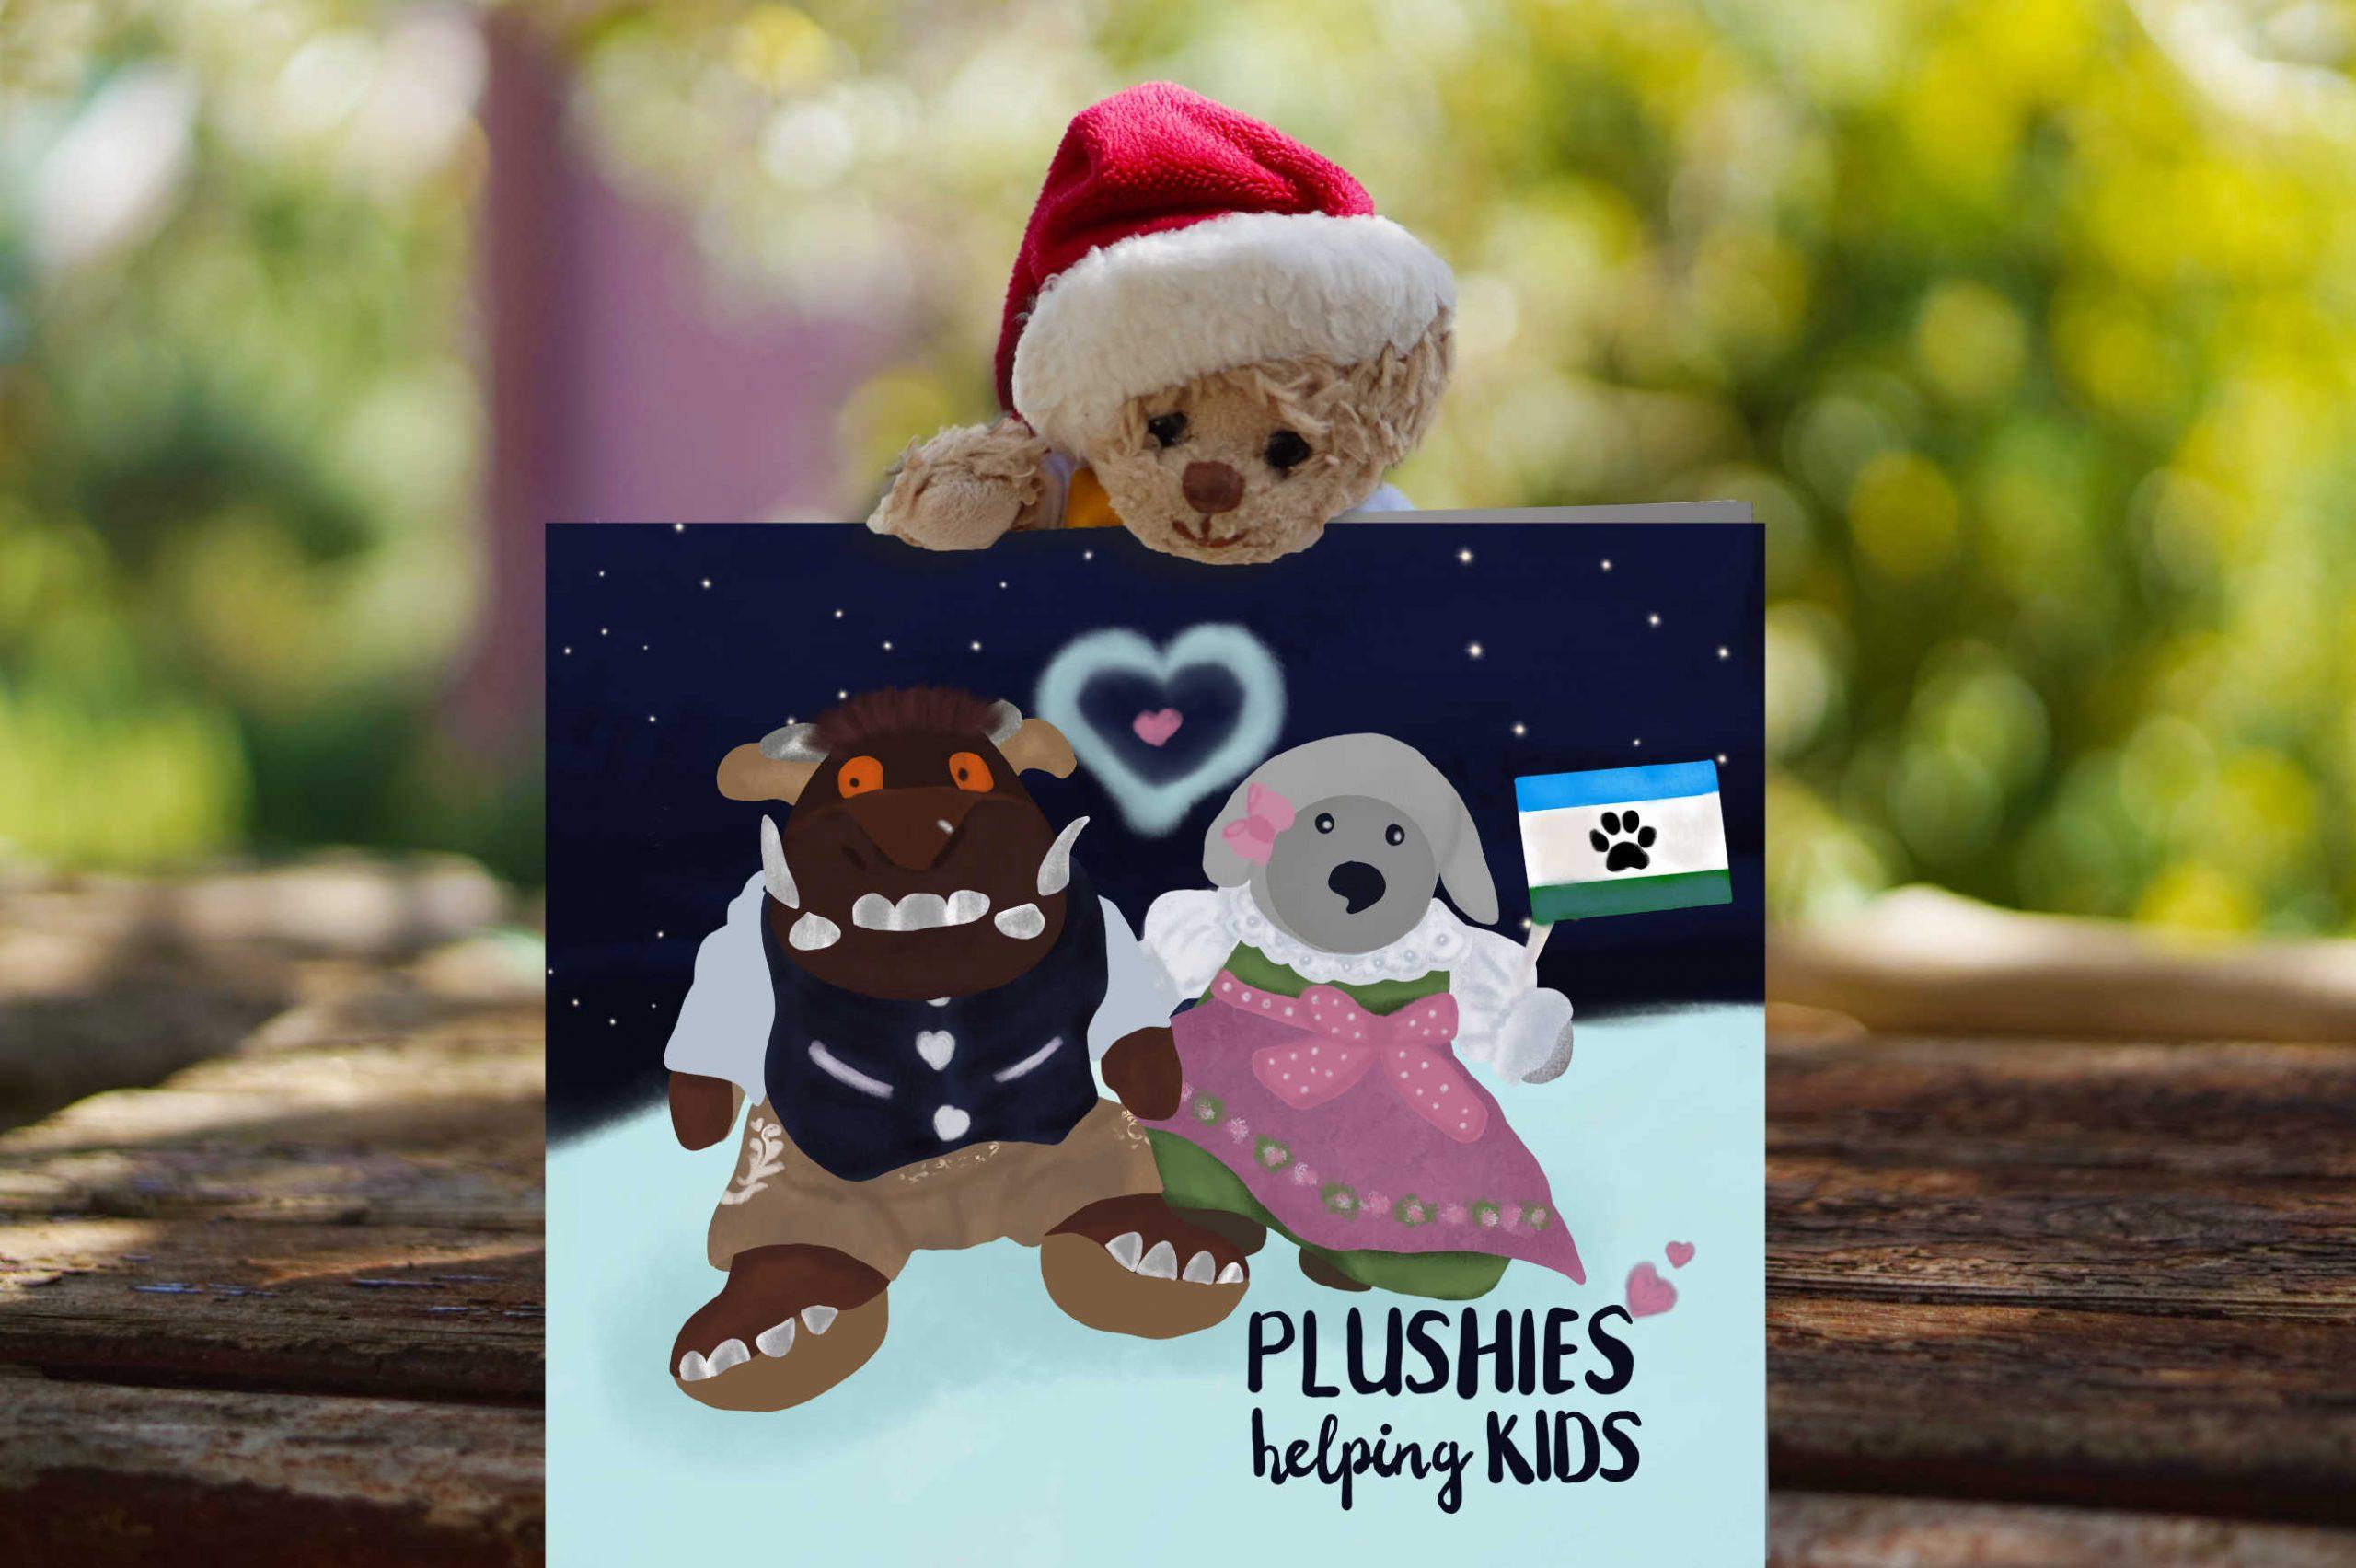 Plushies helping Kids